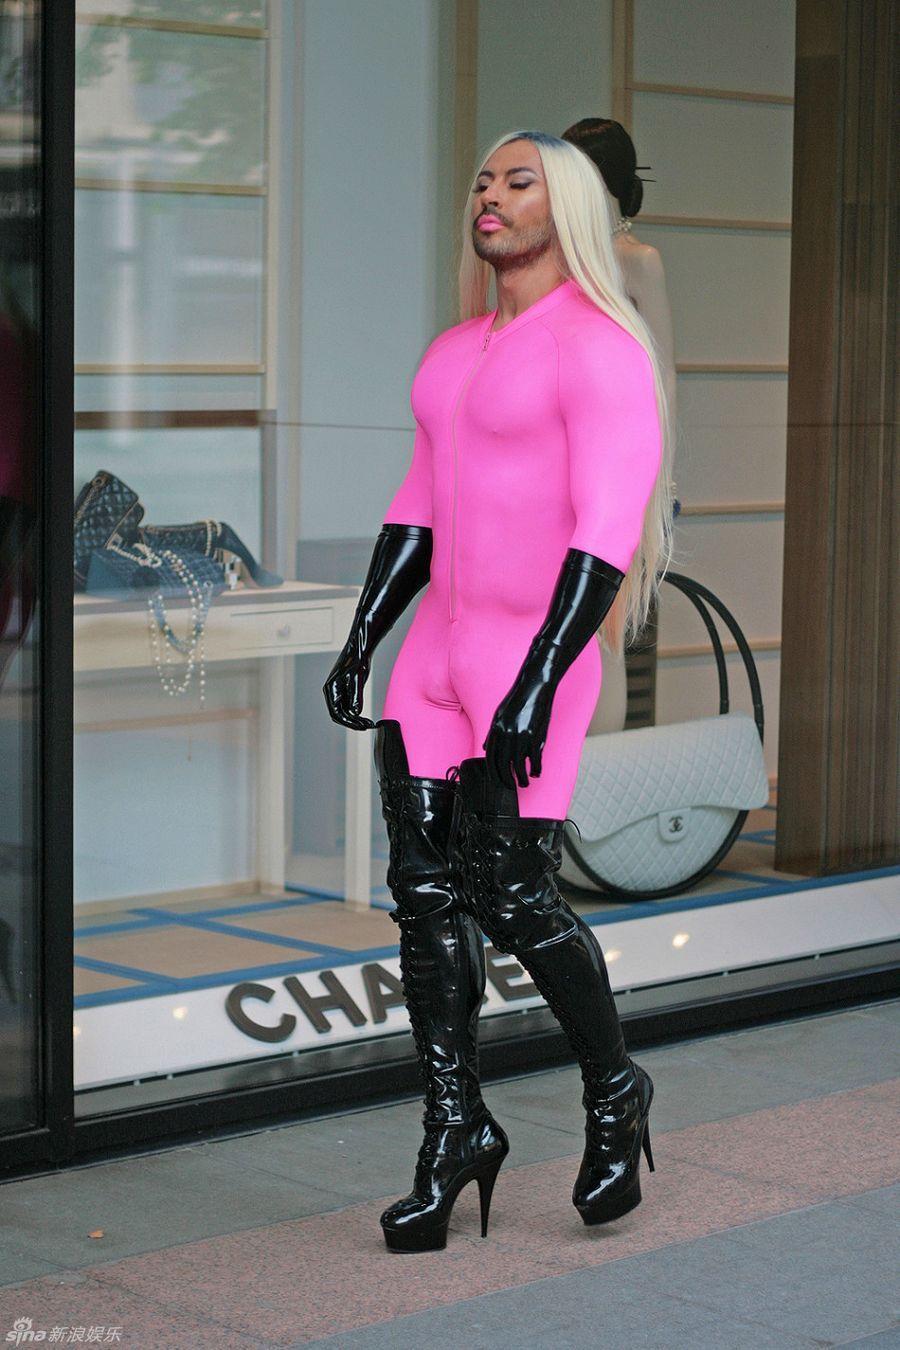 imya-transvestita